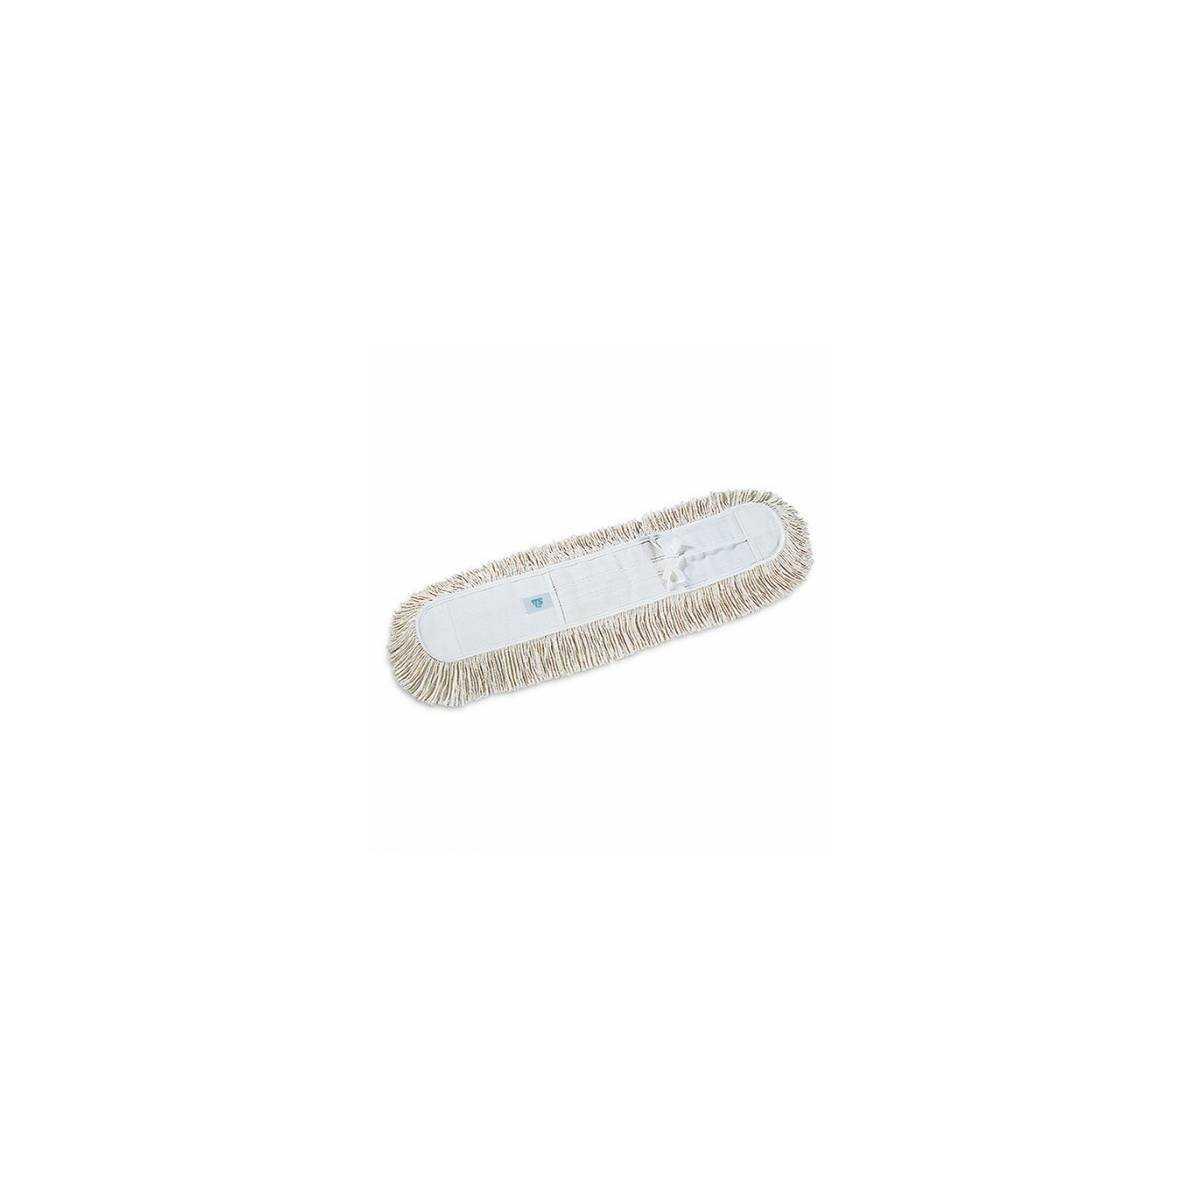 Моп (запаска) для сухой уборки хлопок 80см с завязками 253 TTS